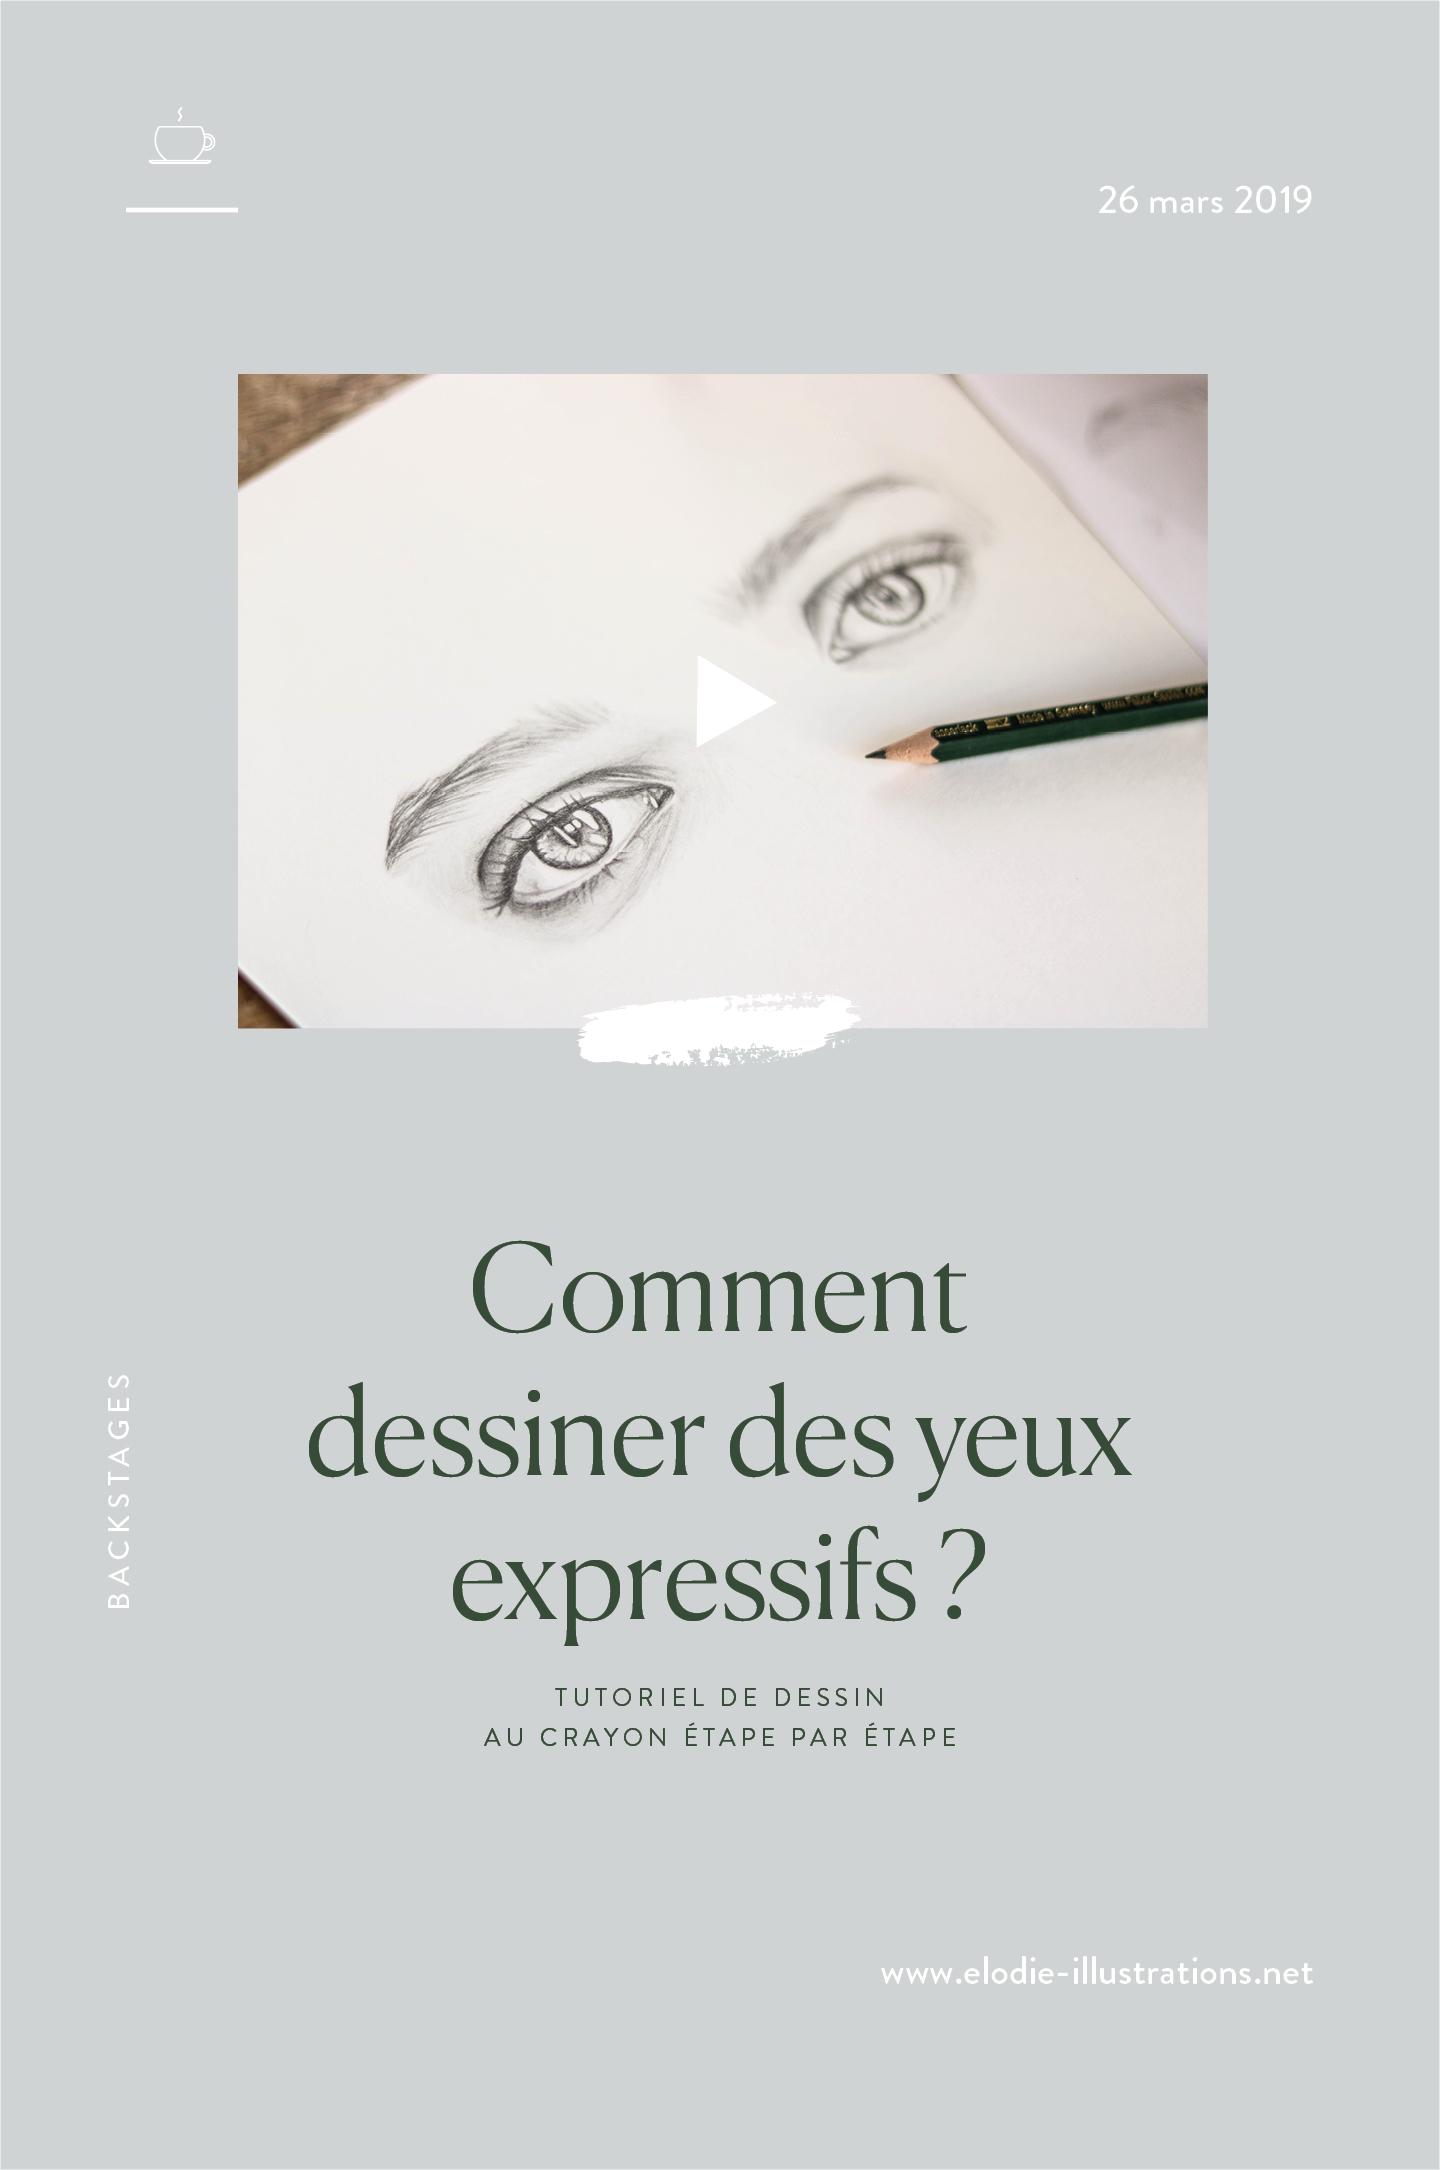 Comment dessiner des yeux expressifs ? Cliquez pour découvrir ma méthode pas à pas pour dessiner des yeux réalistes au crayon de papier.